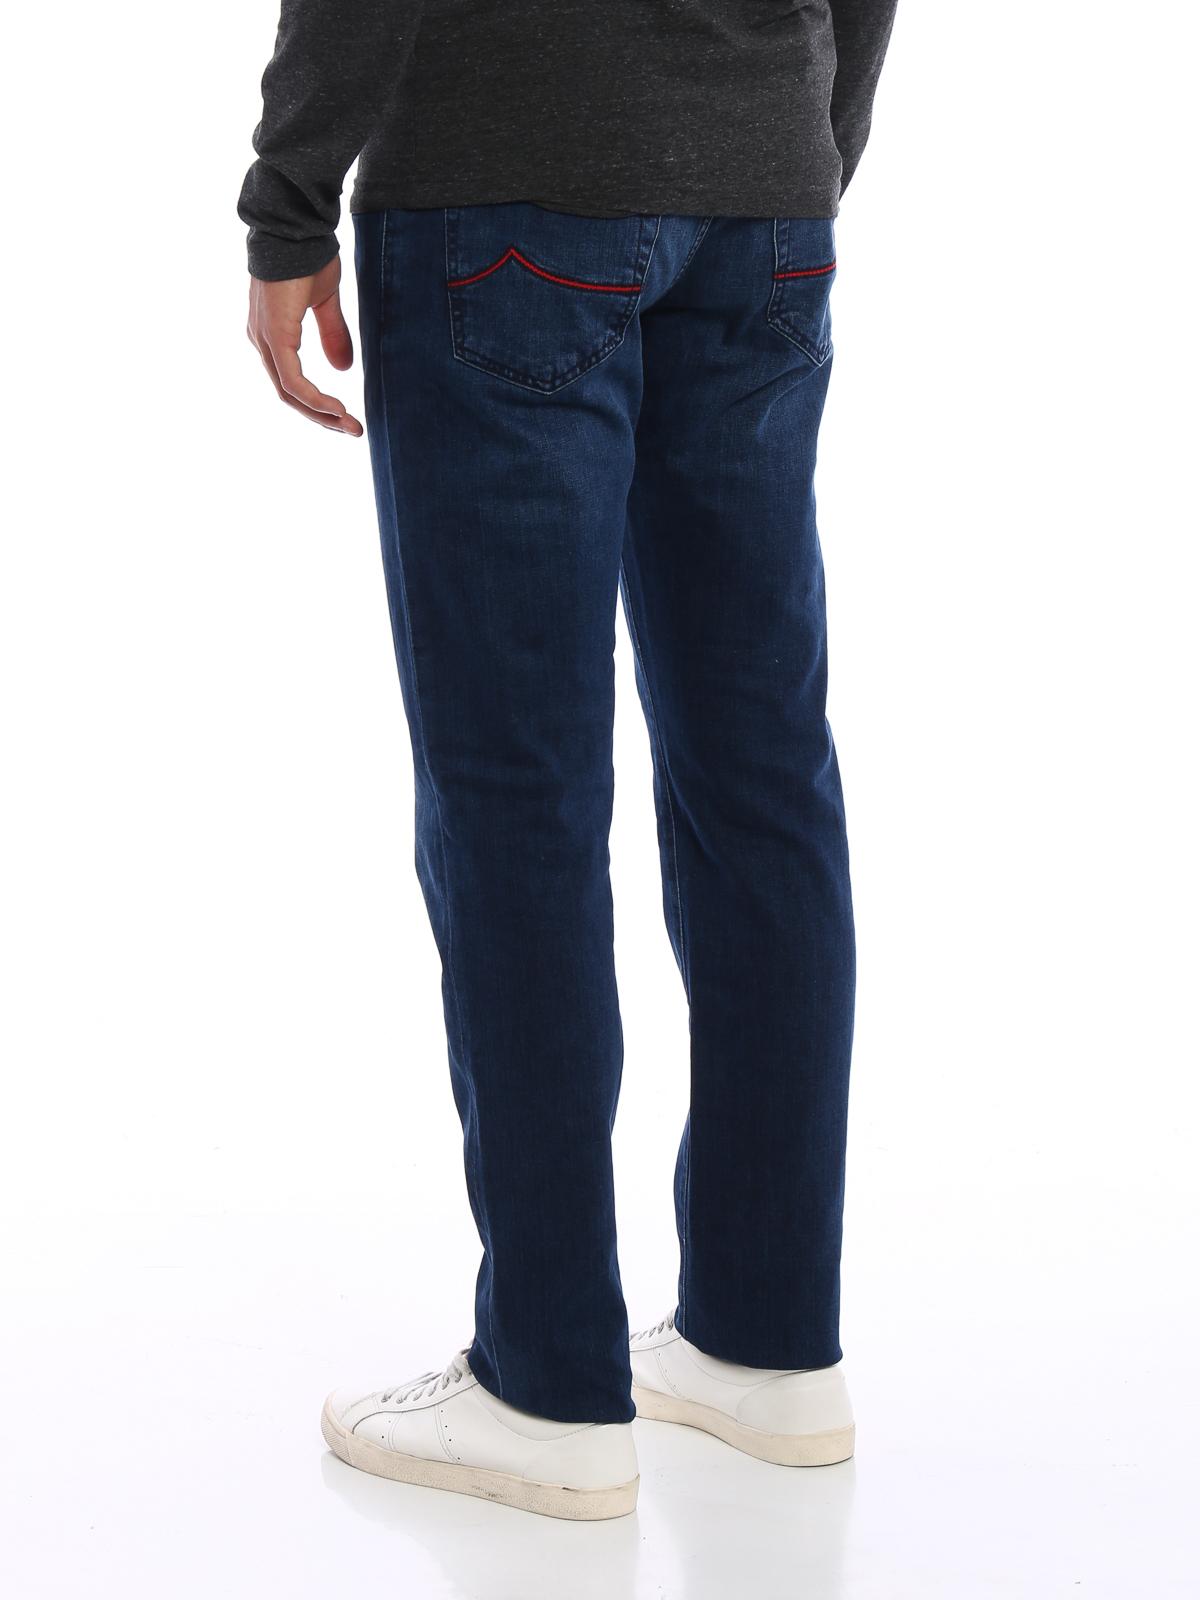 Jacob Cohen - Jean Slim Foncé Délavé Pour Homme - Jeans à jambe ... c16386ee460f